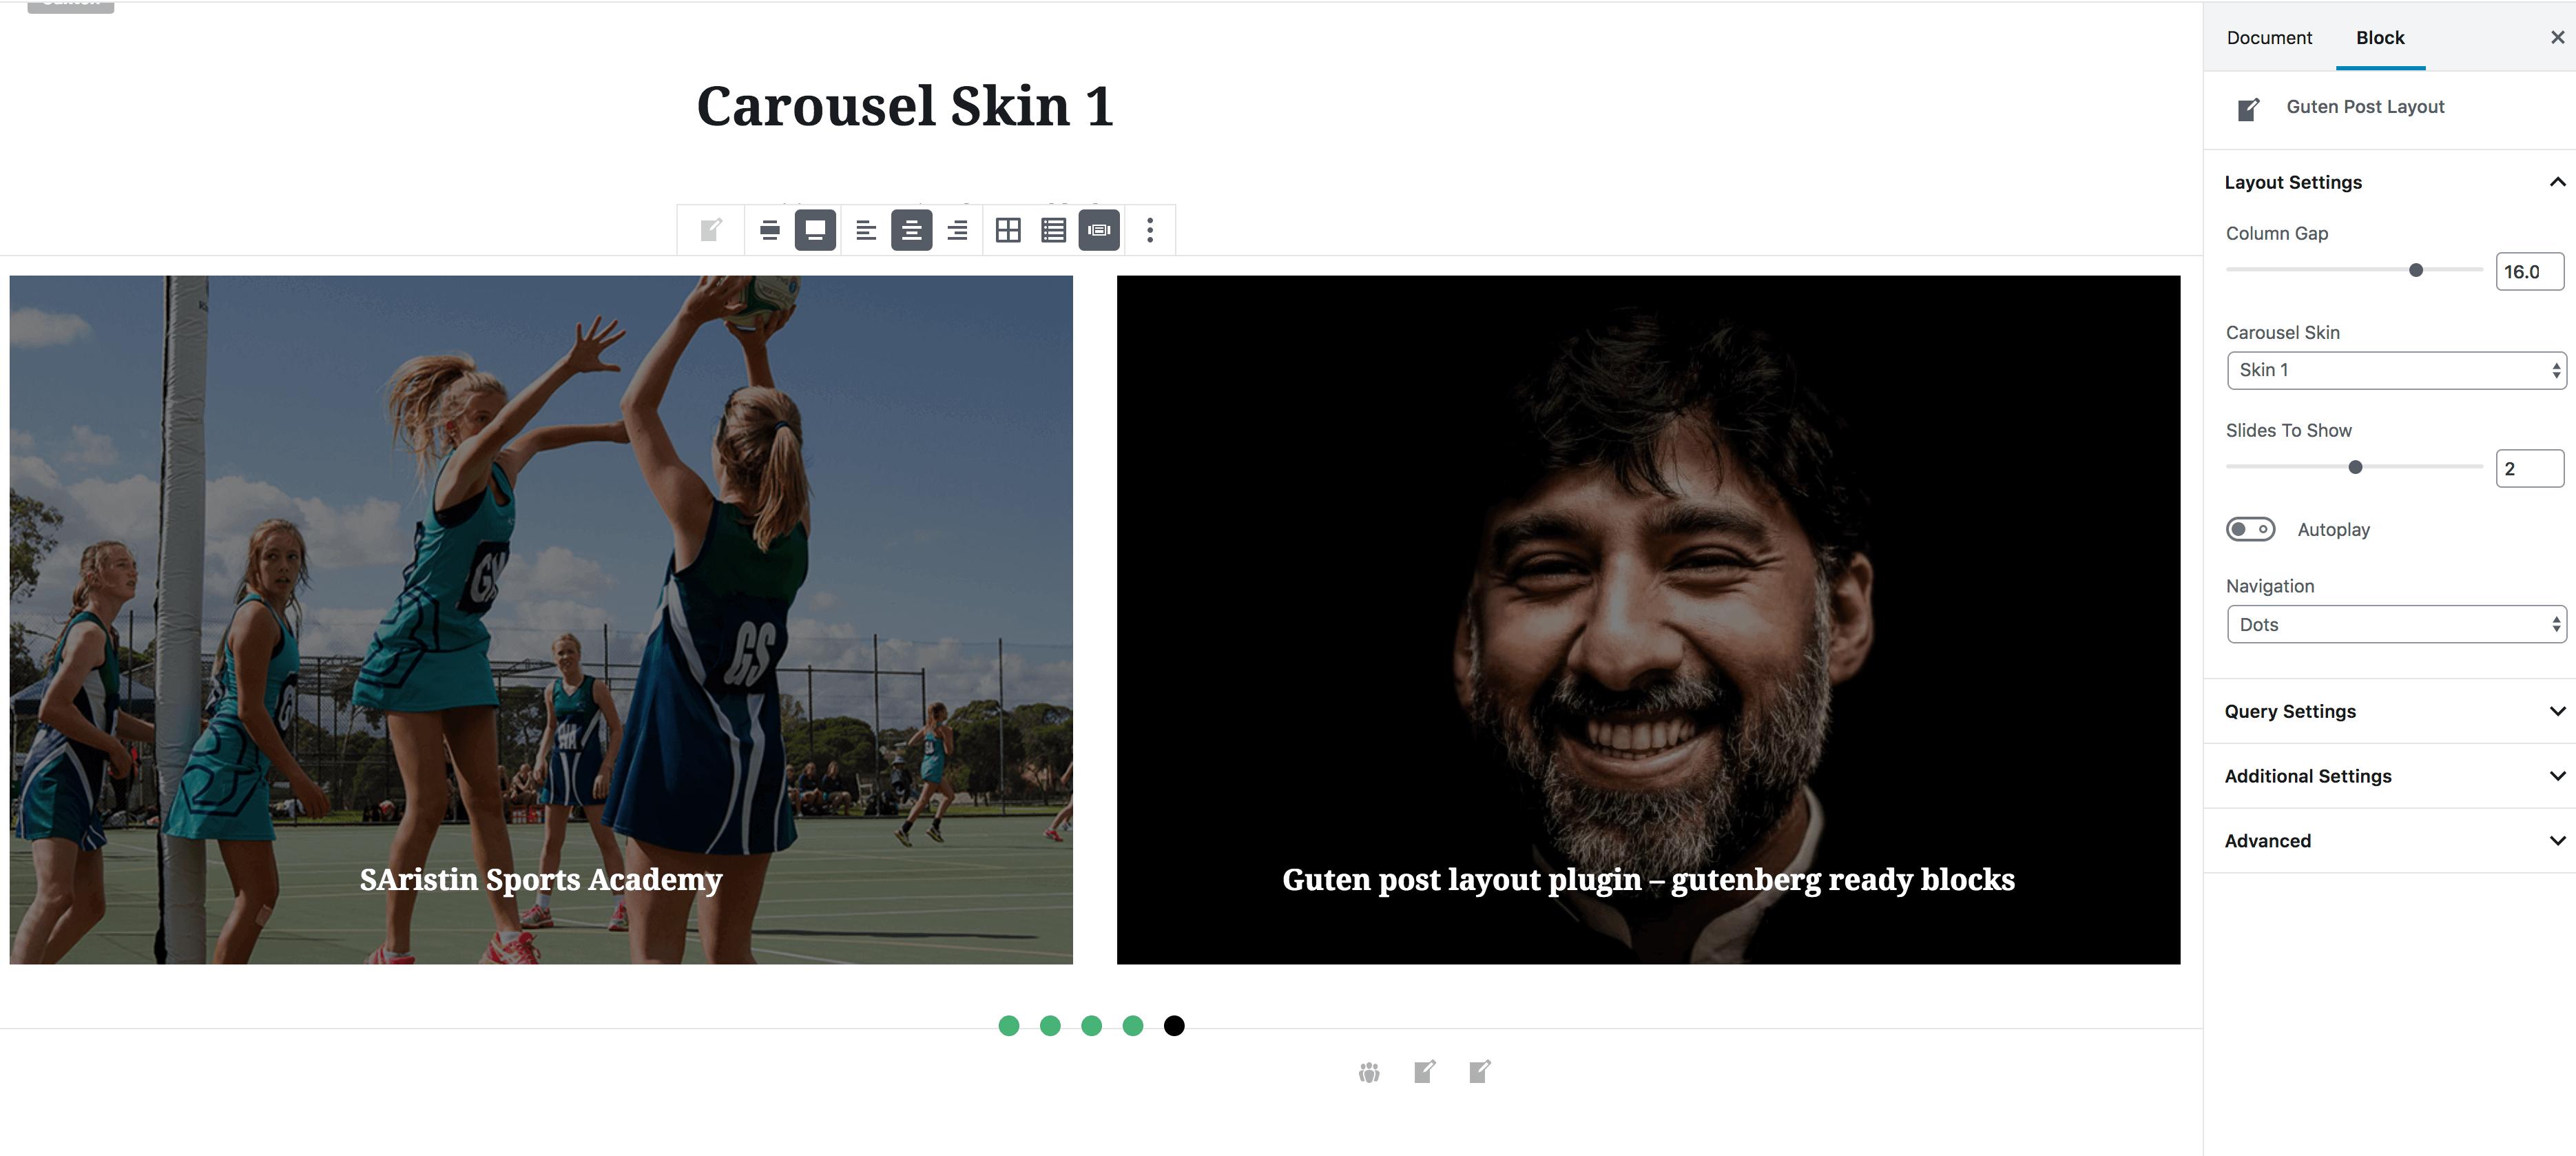 Carousel Skin 1 Example